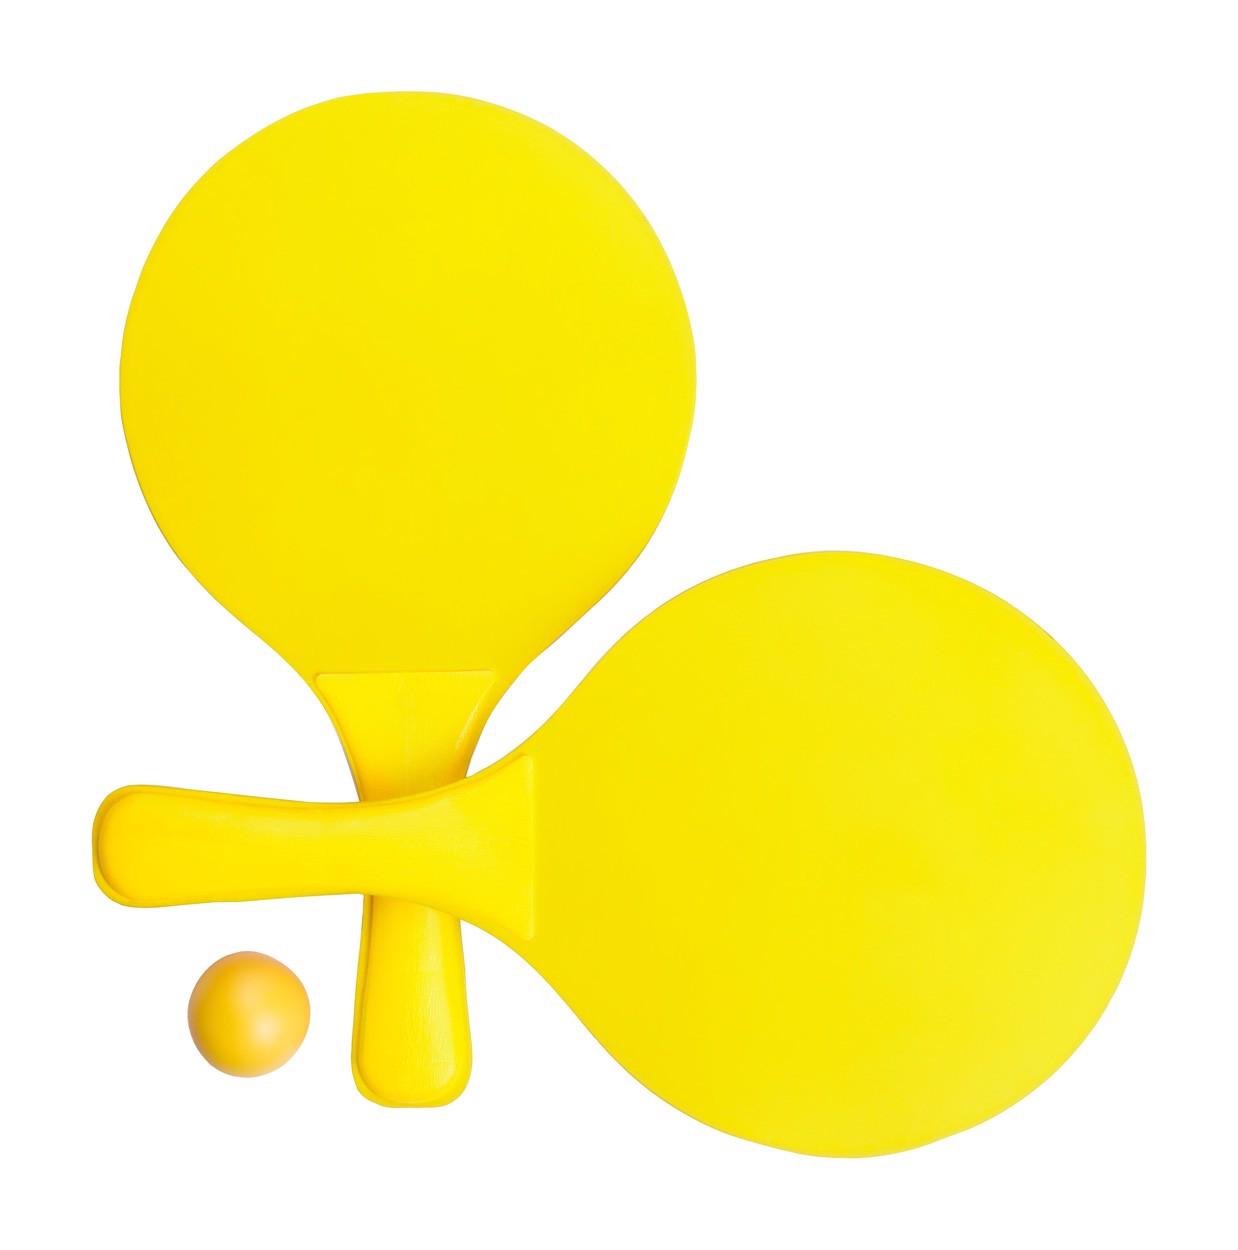 Plážový Tenis Faluk - Žlutá